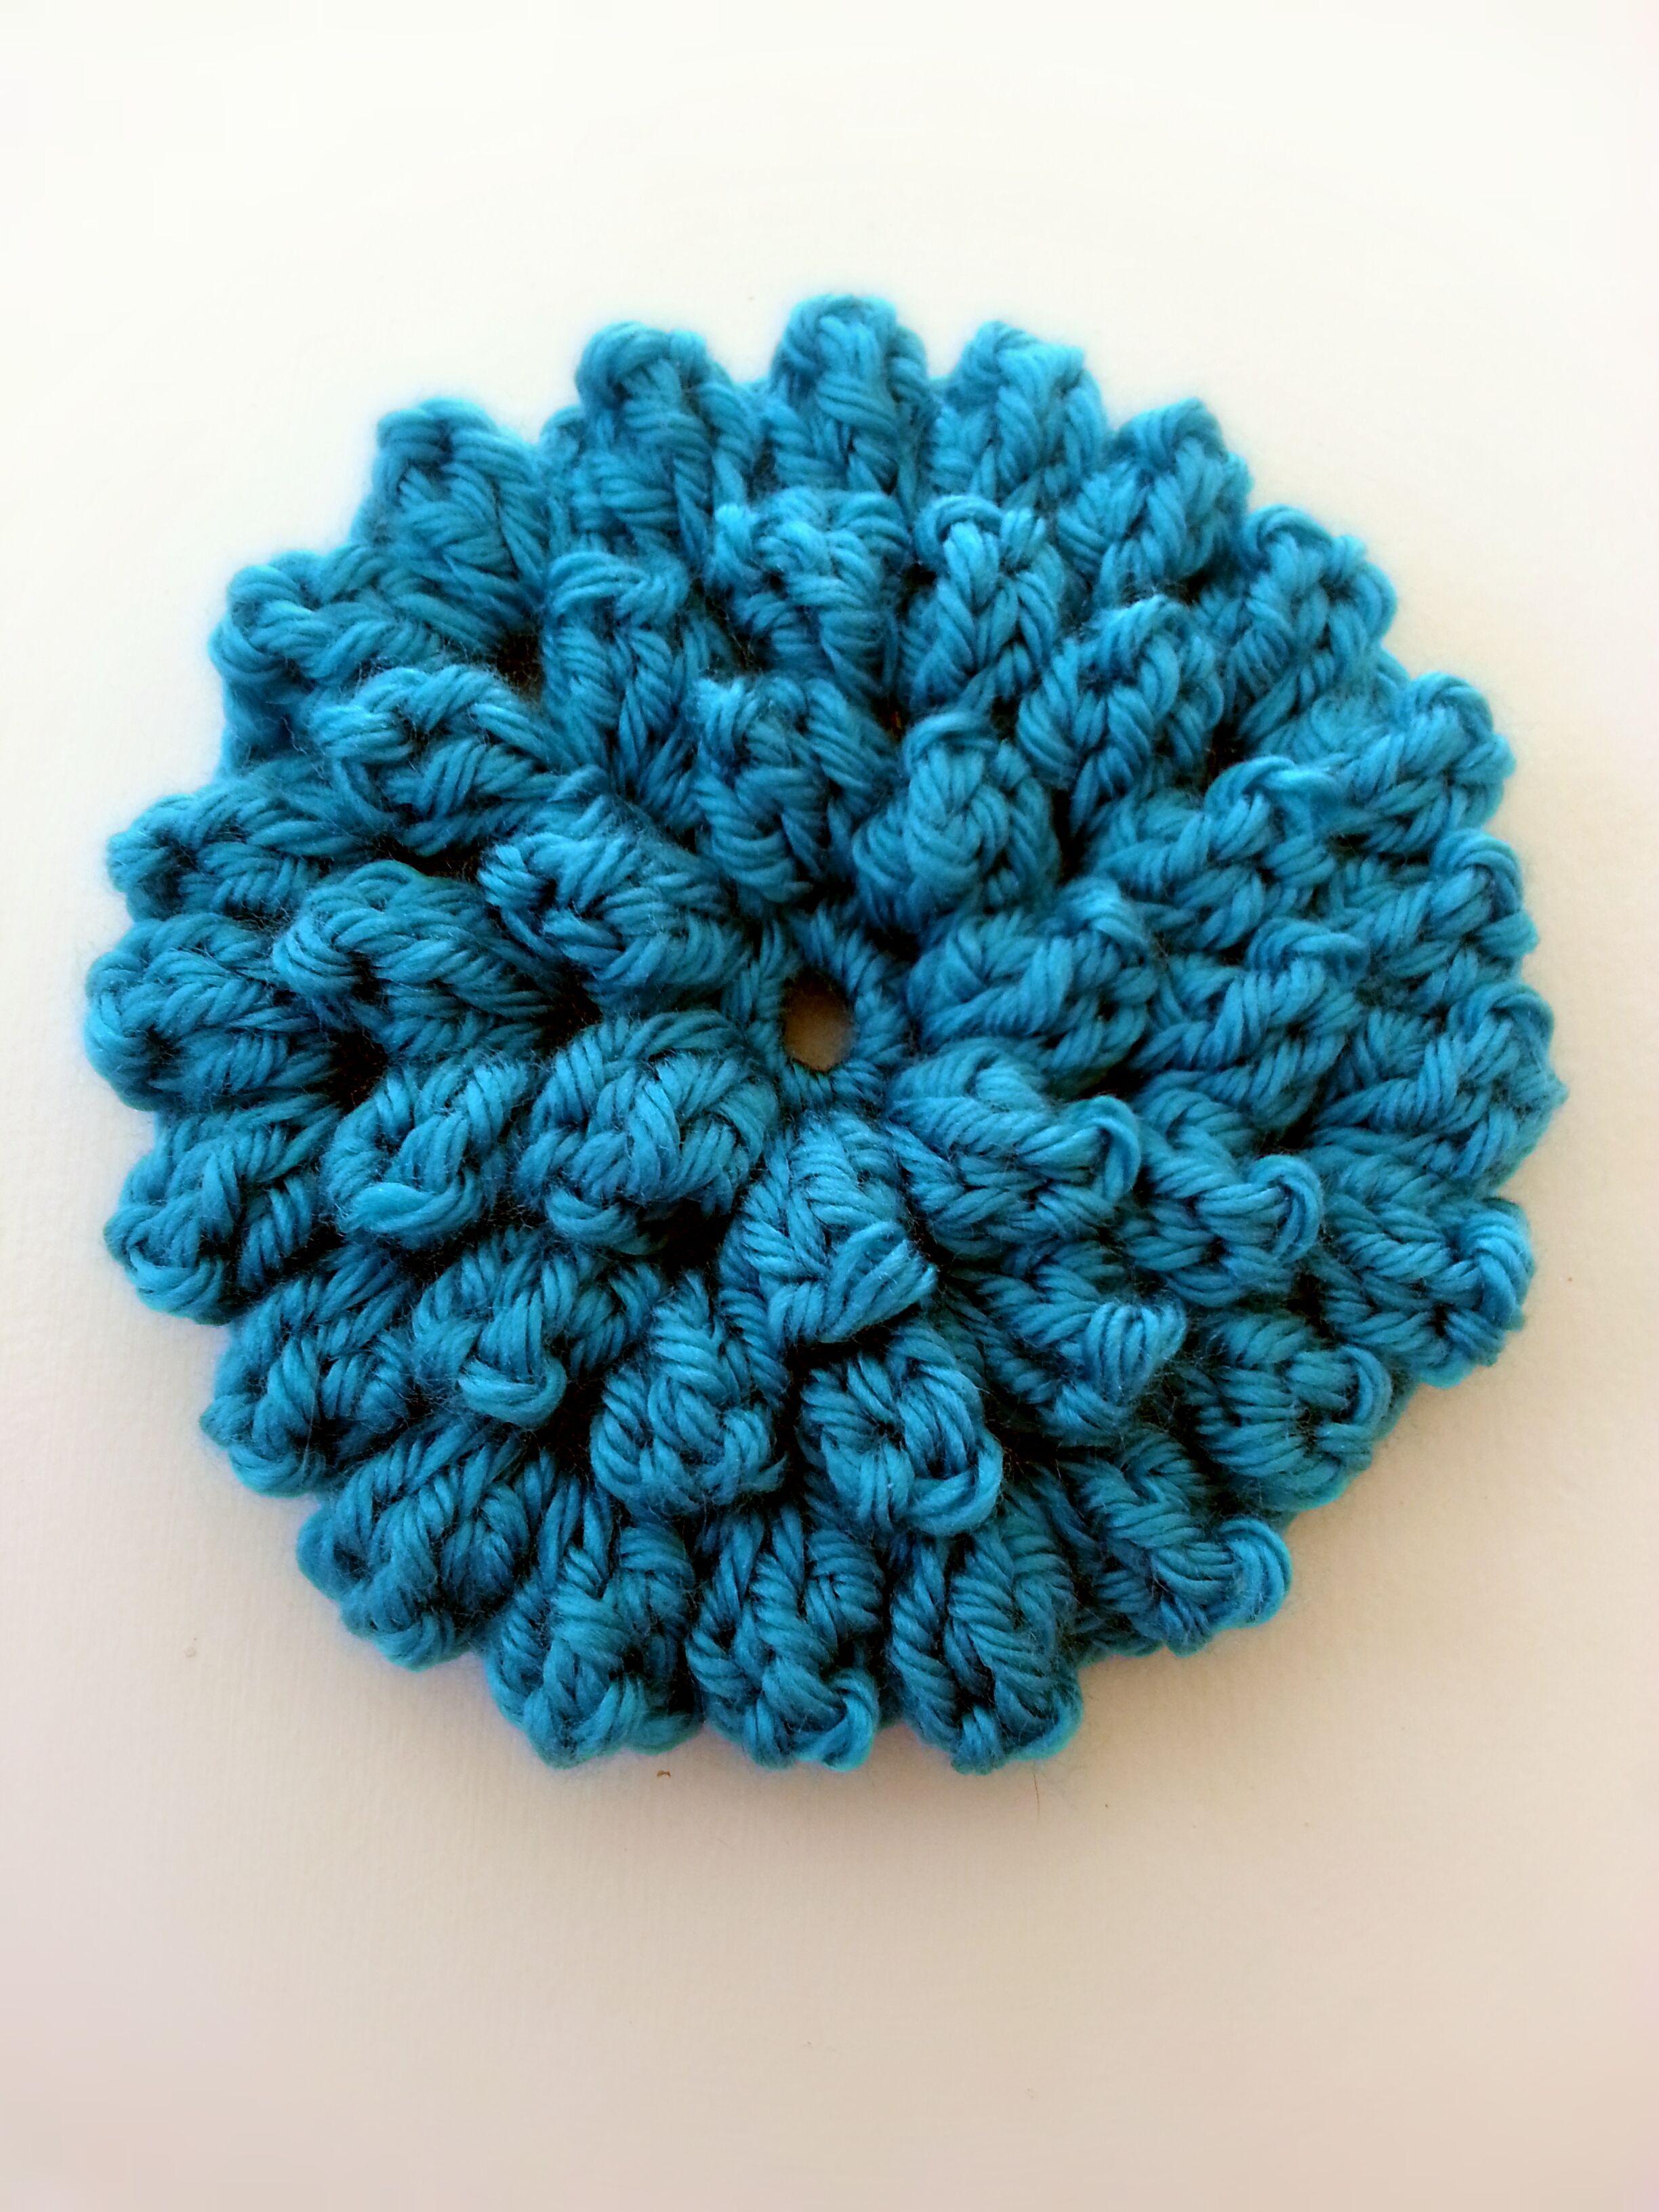 Popcorn Stitch Flower: Free Pattern! | Häkeln, Stricken häkeln und ...